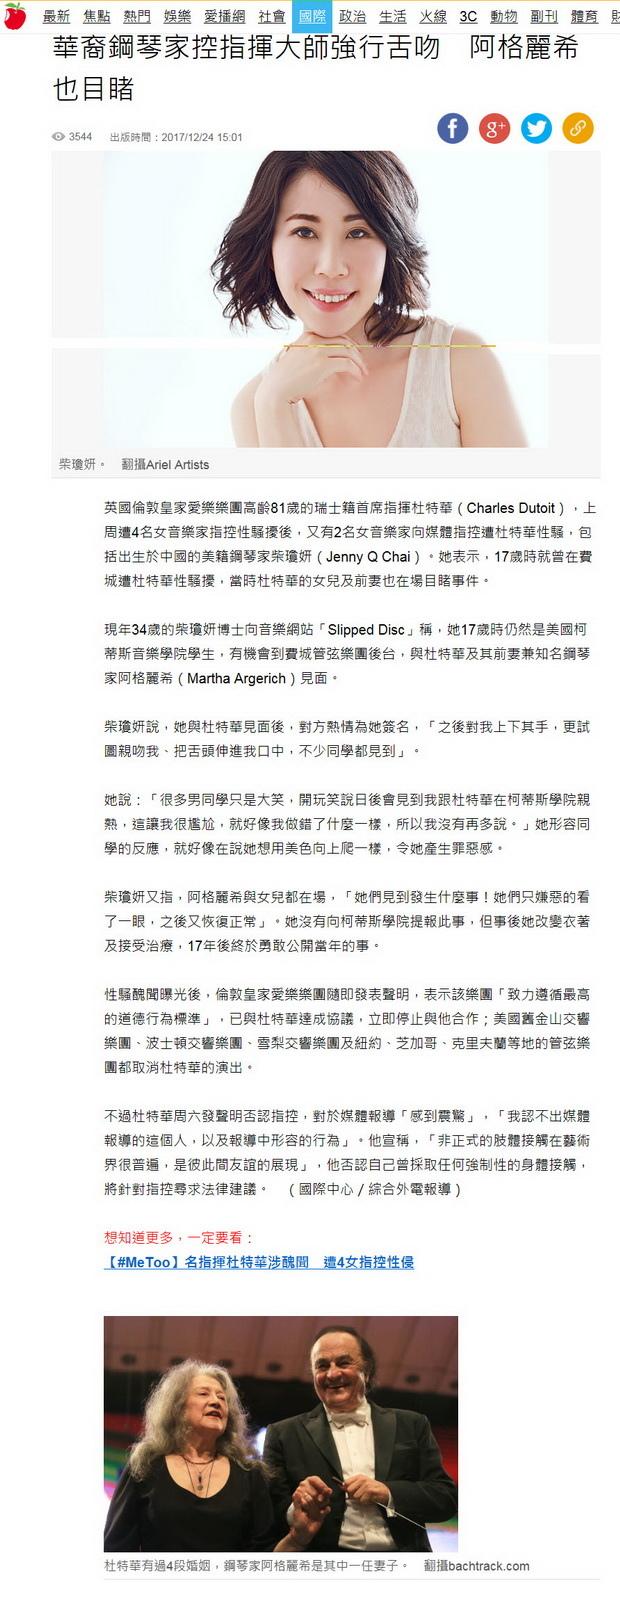 華裔鋼琴家控指揮大師強行舌吻 阿格麗希也目睹-2017.12.24.jpg